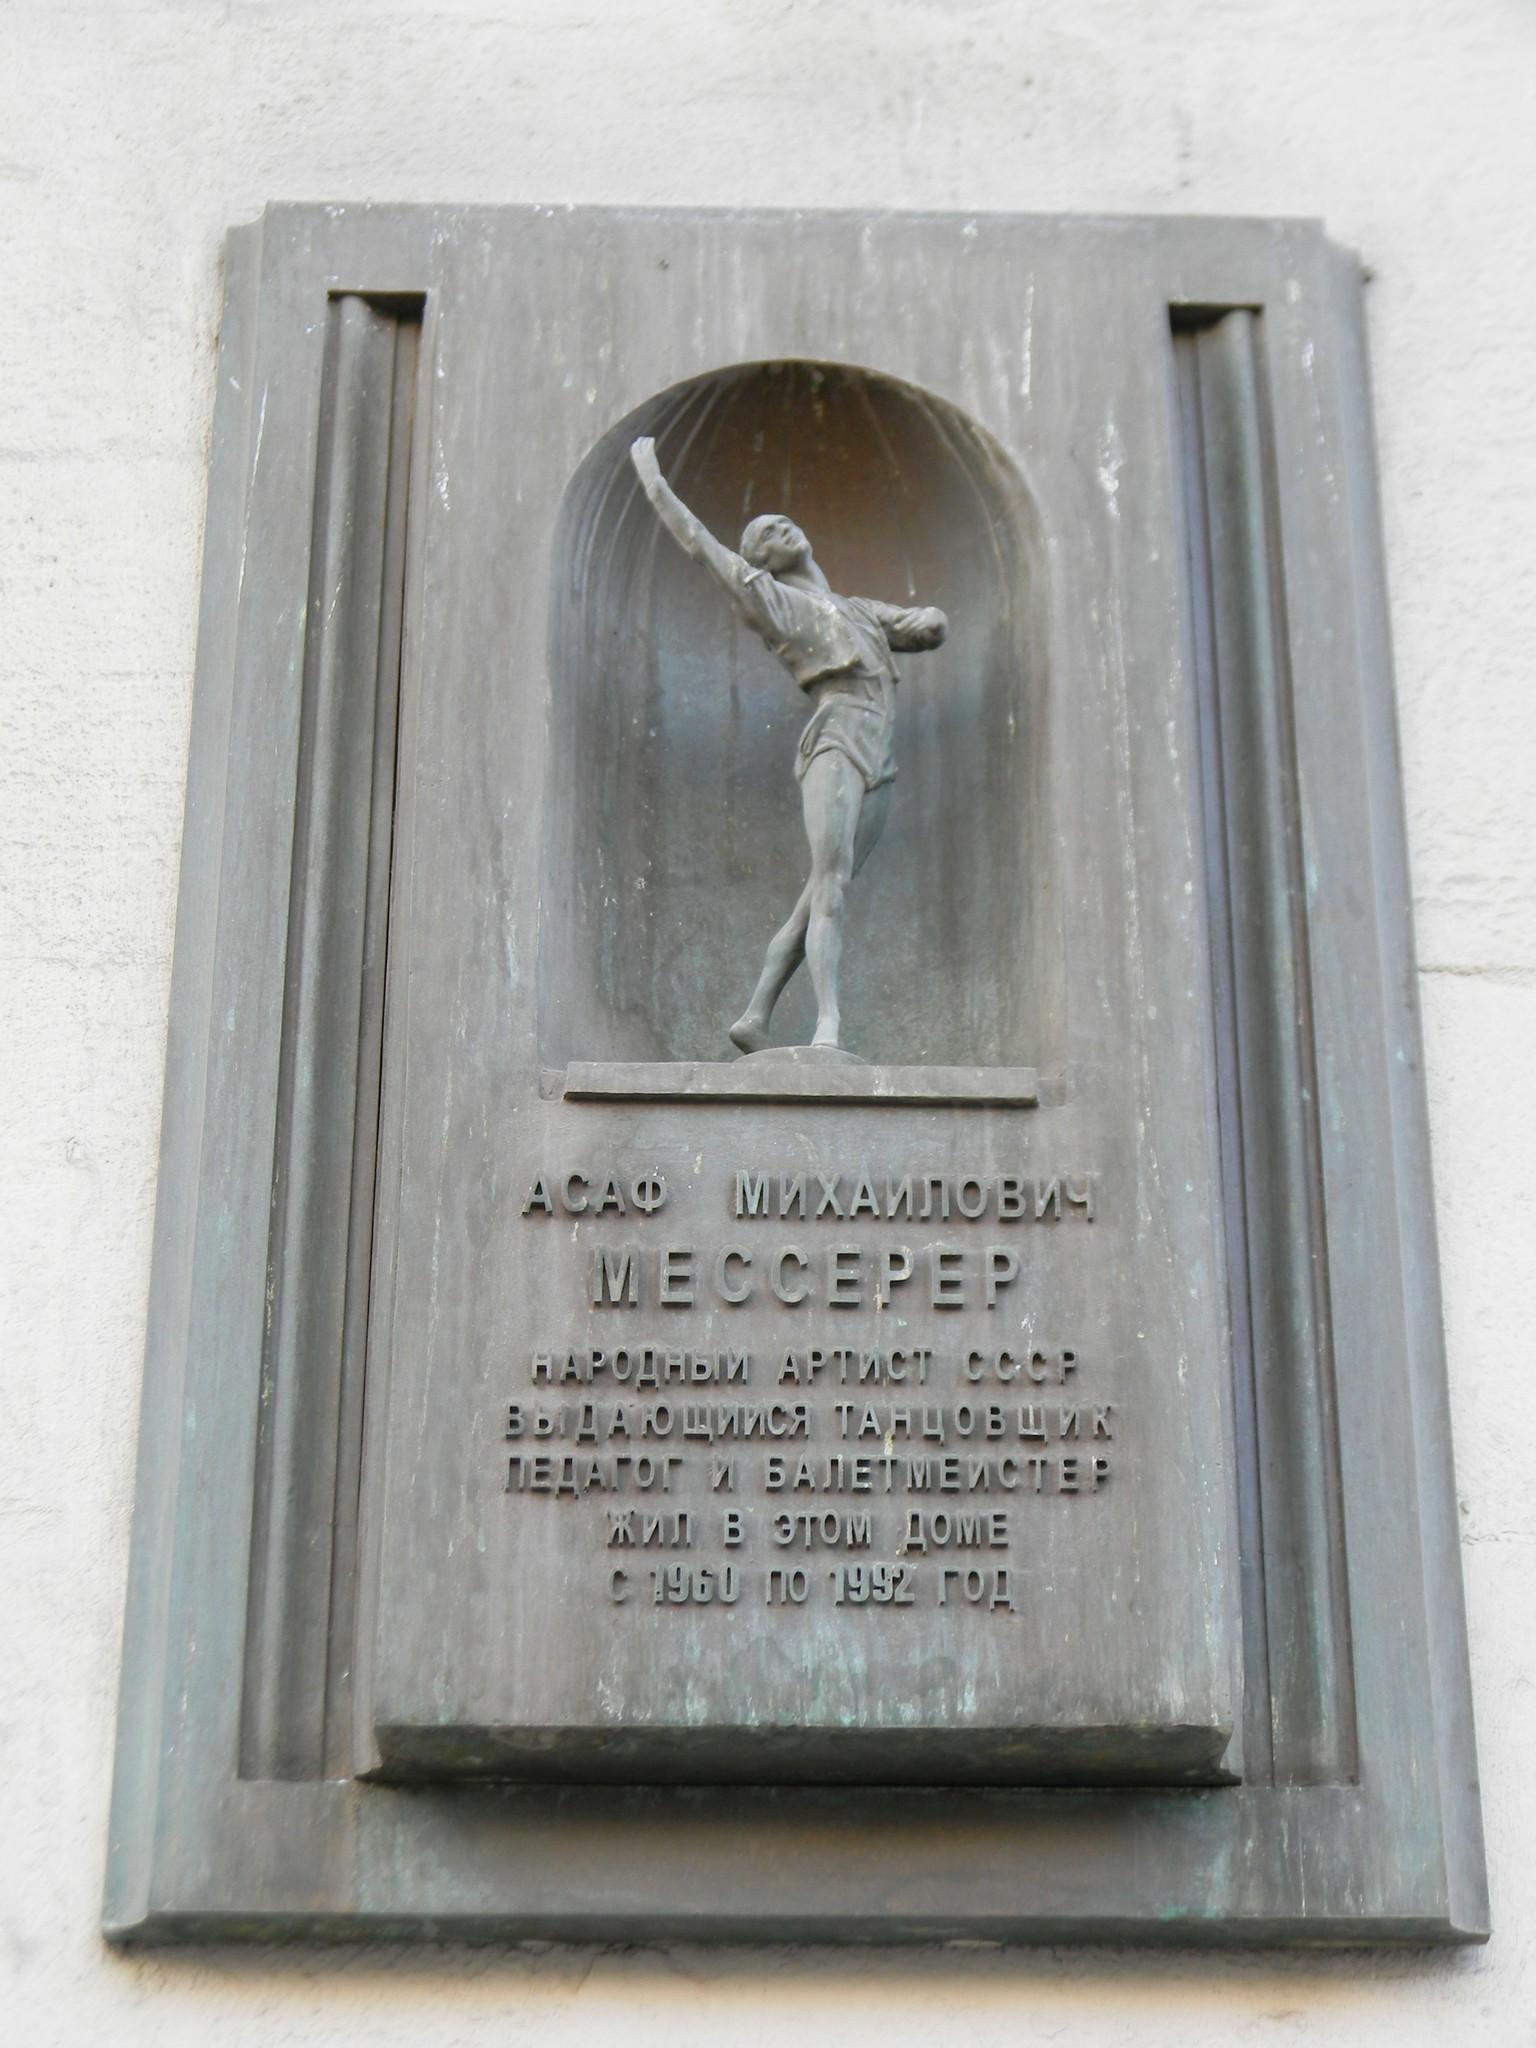 Мемориальная доска на фасаде дома (улица Тверская, дом 15), где с 1960 по 1992 год жил Народный артист СССР Асаф Михайлович Мессерер